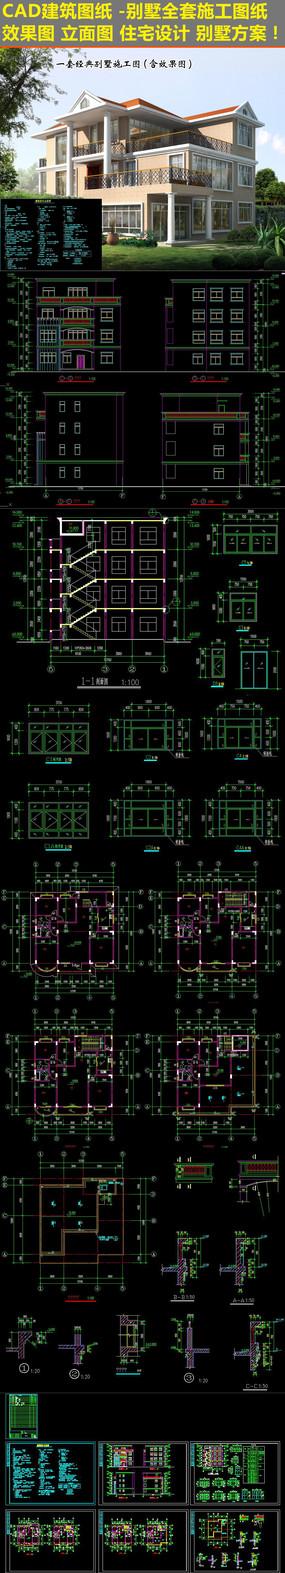 CAD建筑别墅图纸住宅施工图